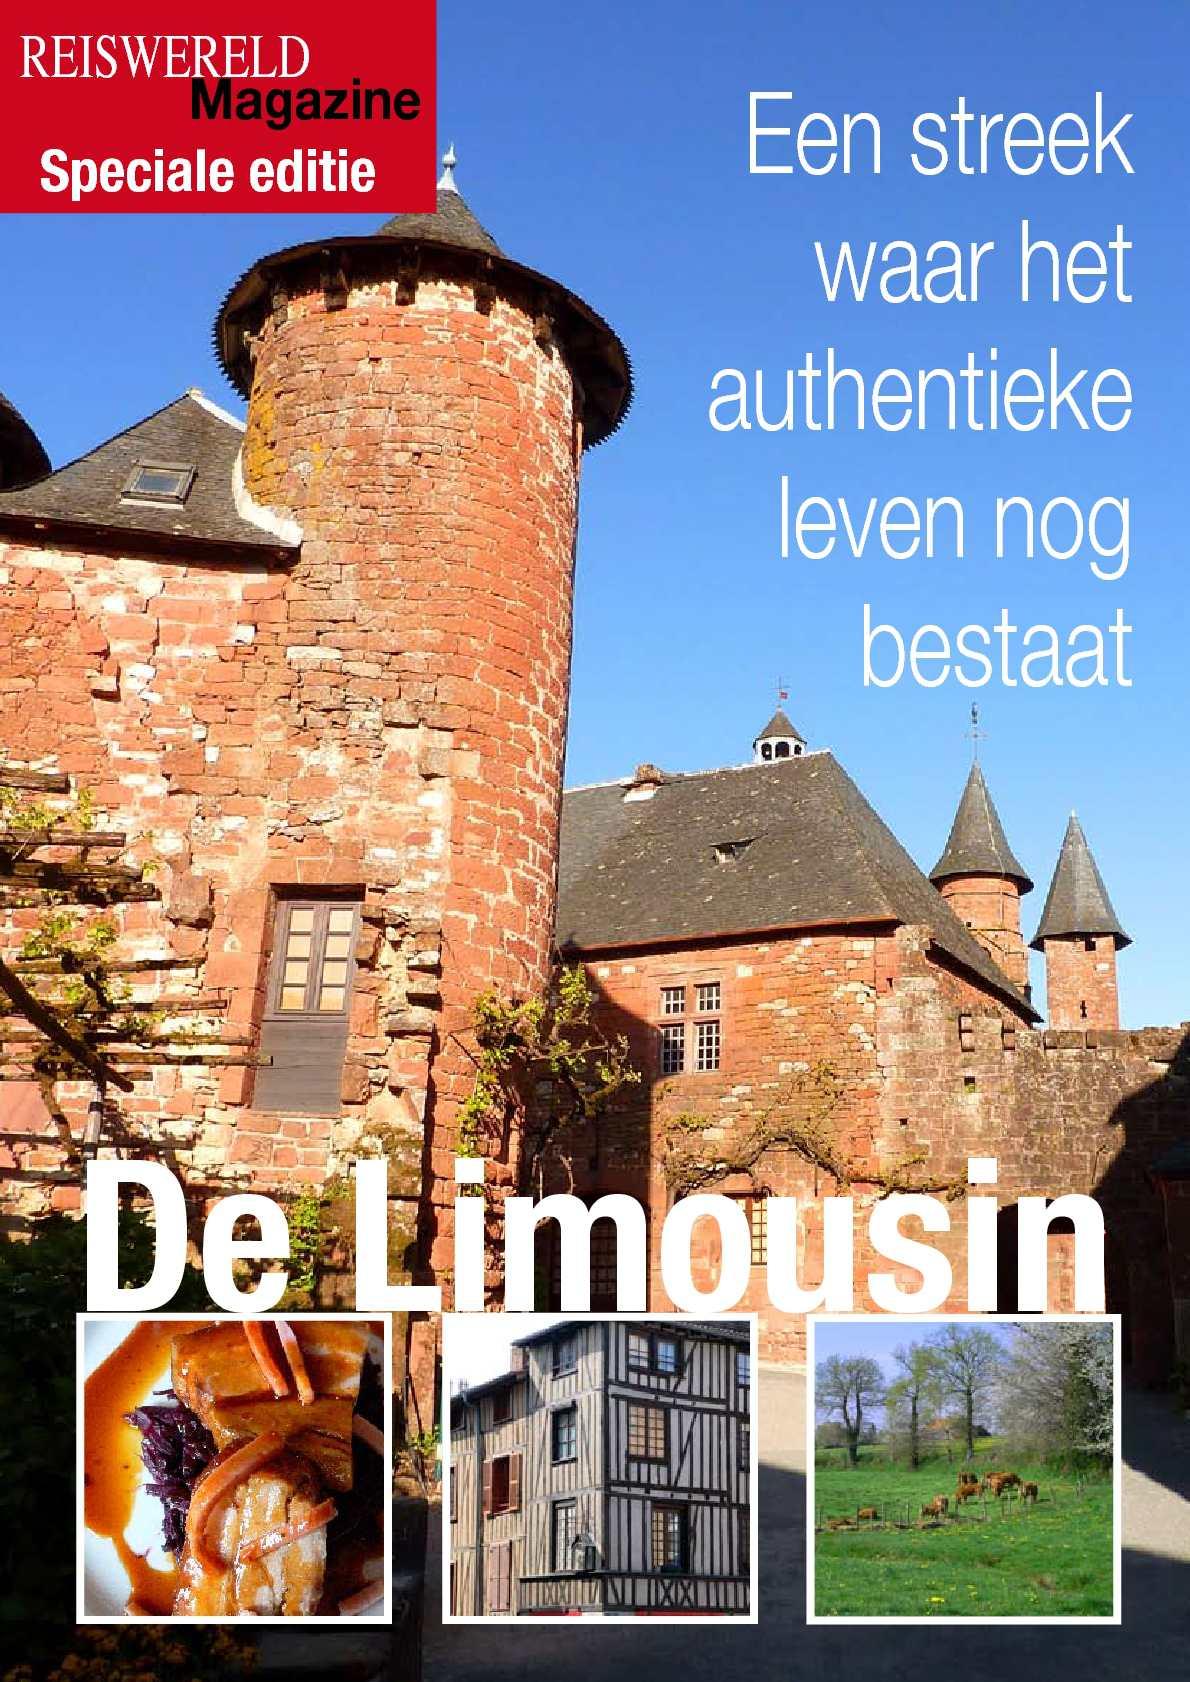 Reportage in de Limousin van Reiswereld Magazine.be